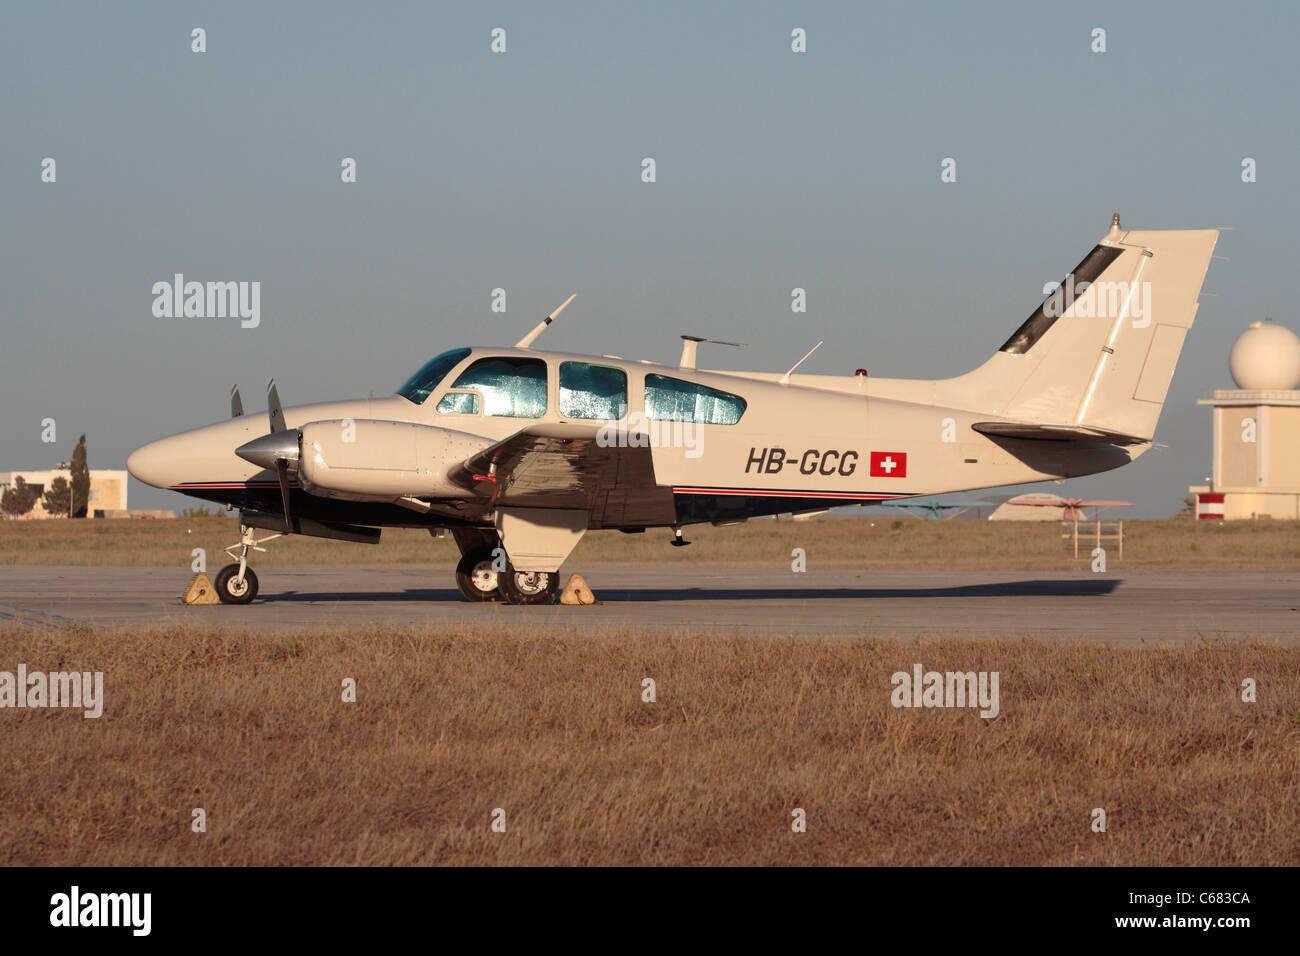 Parked Beechcraft Baron 55 light aircraft Stock Photo